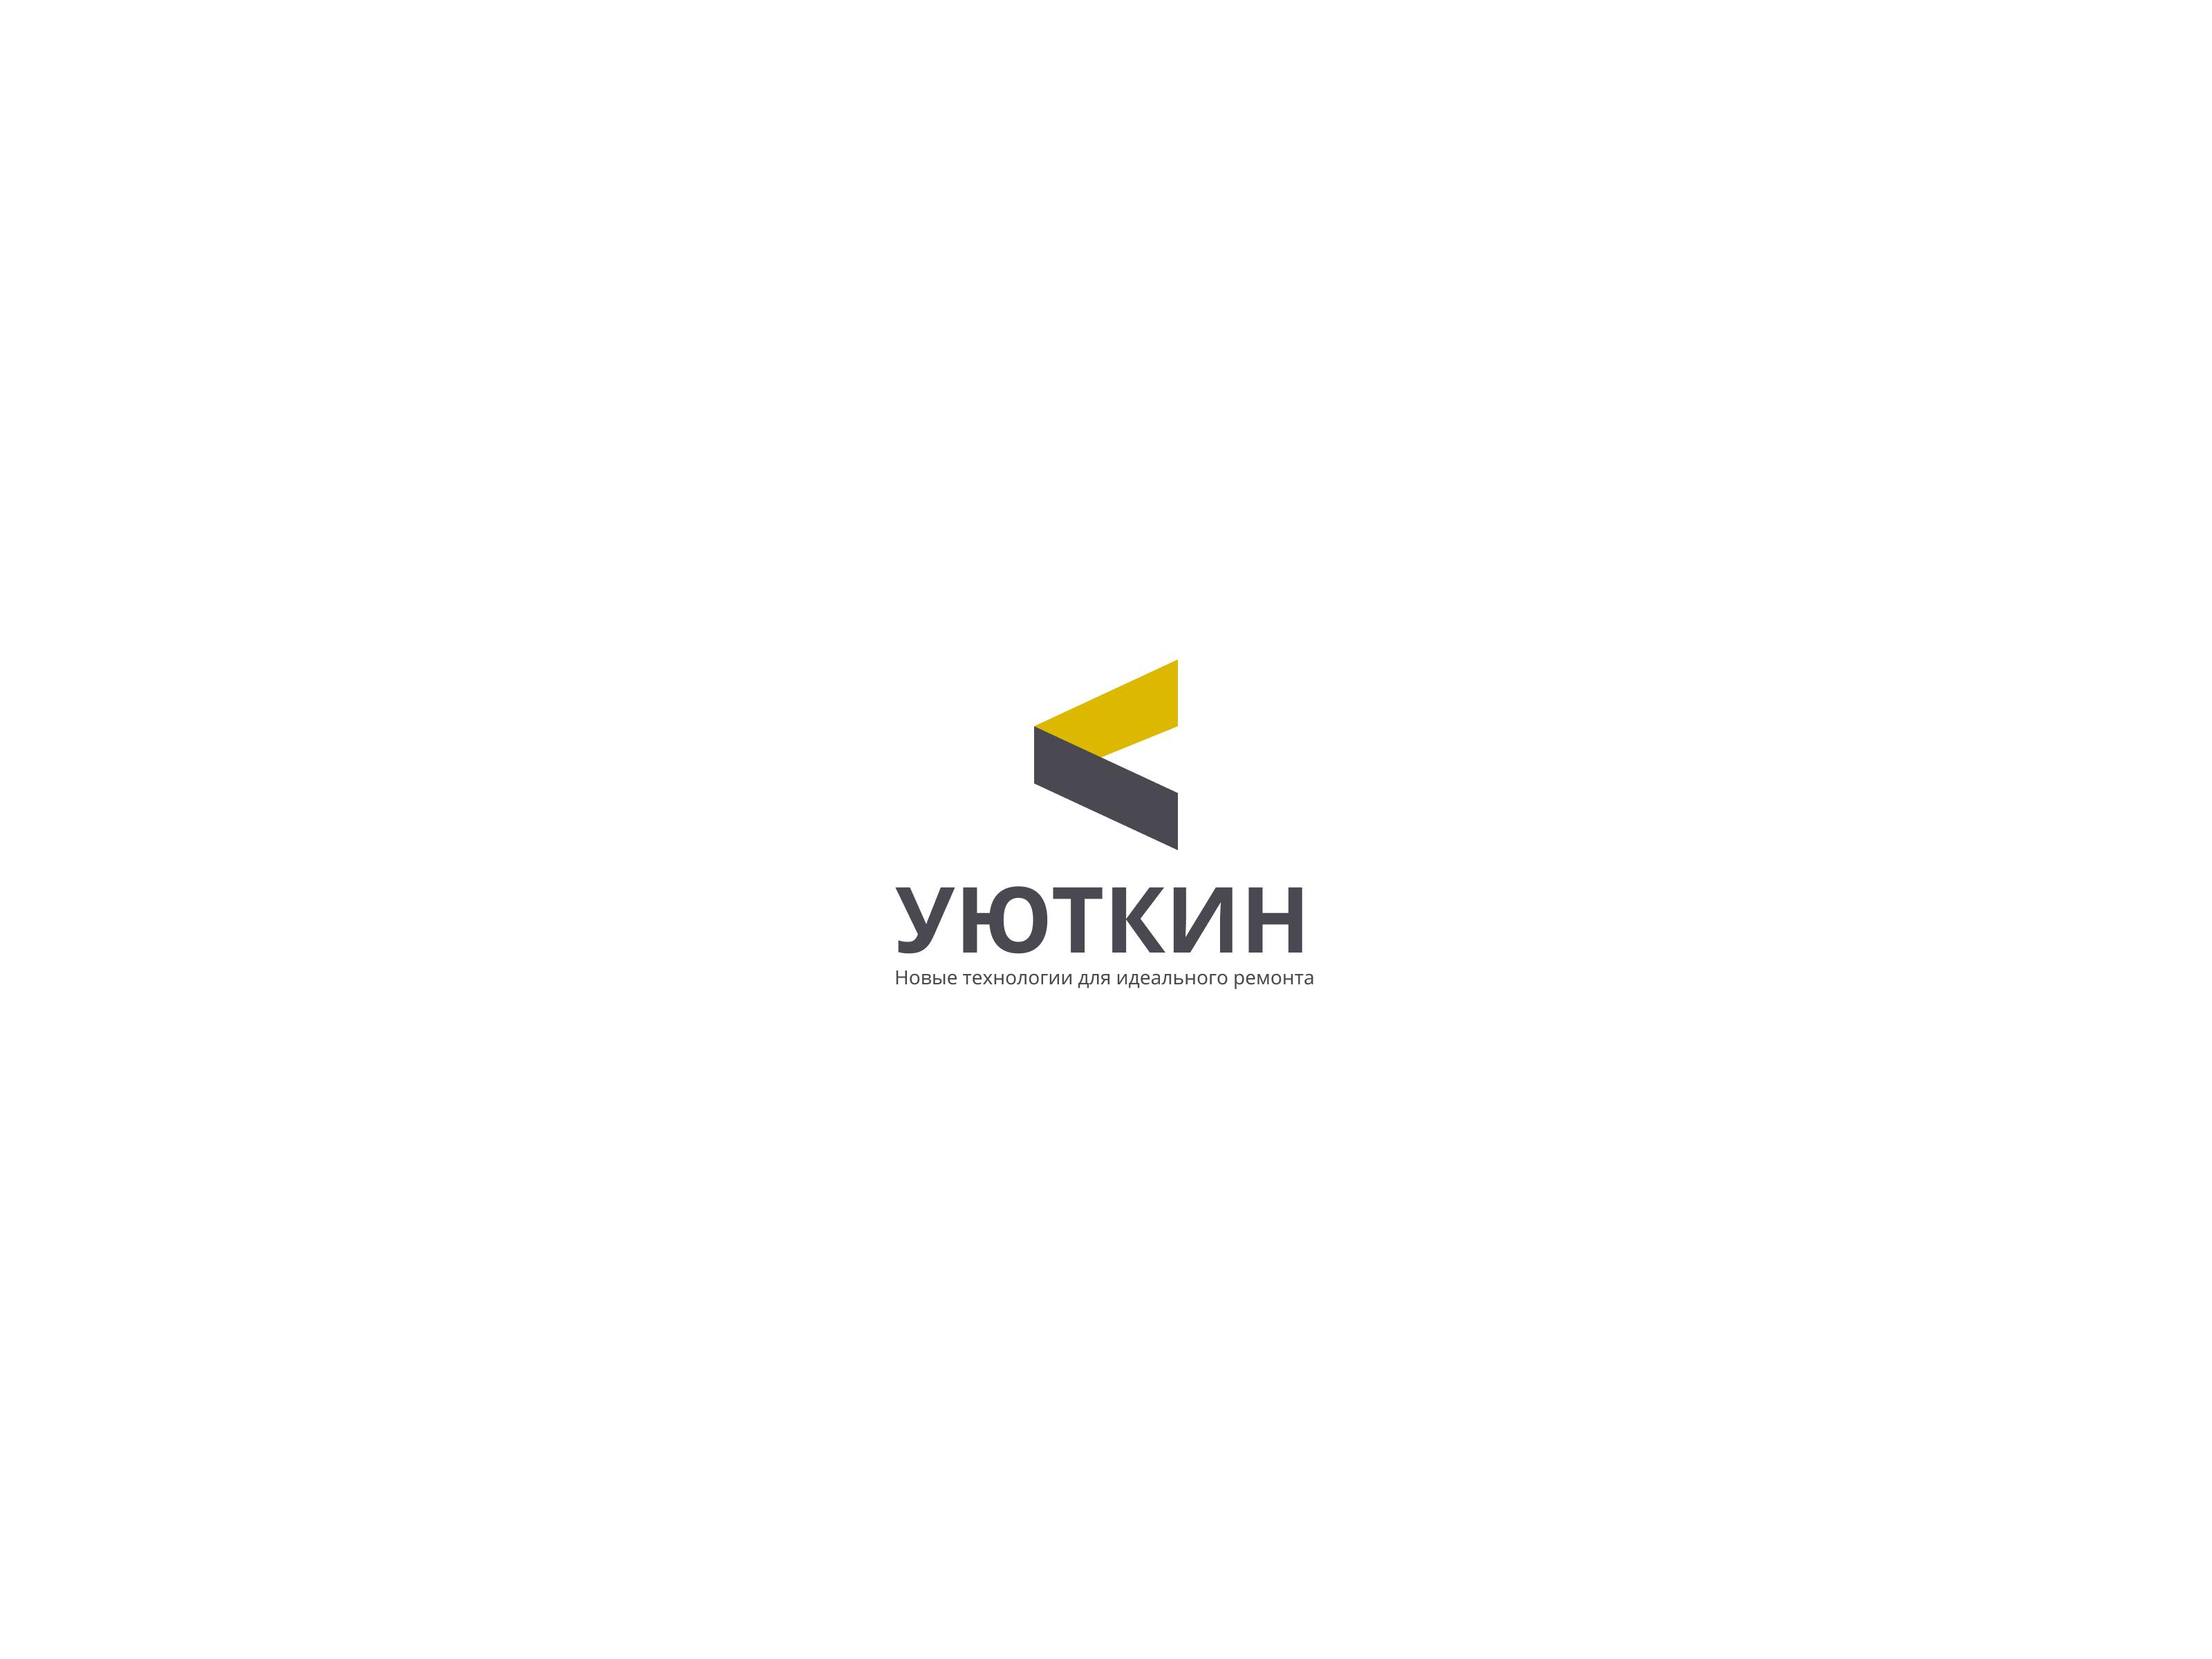 Создание логотипа и стиля сайта фото f_1735c628fe1da764.png